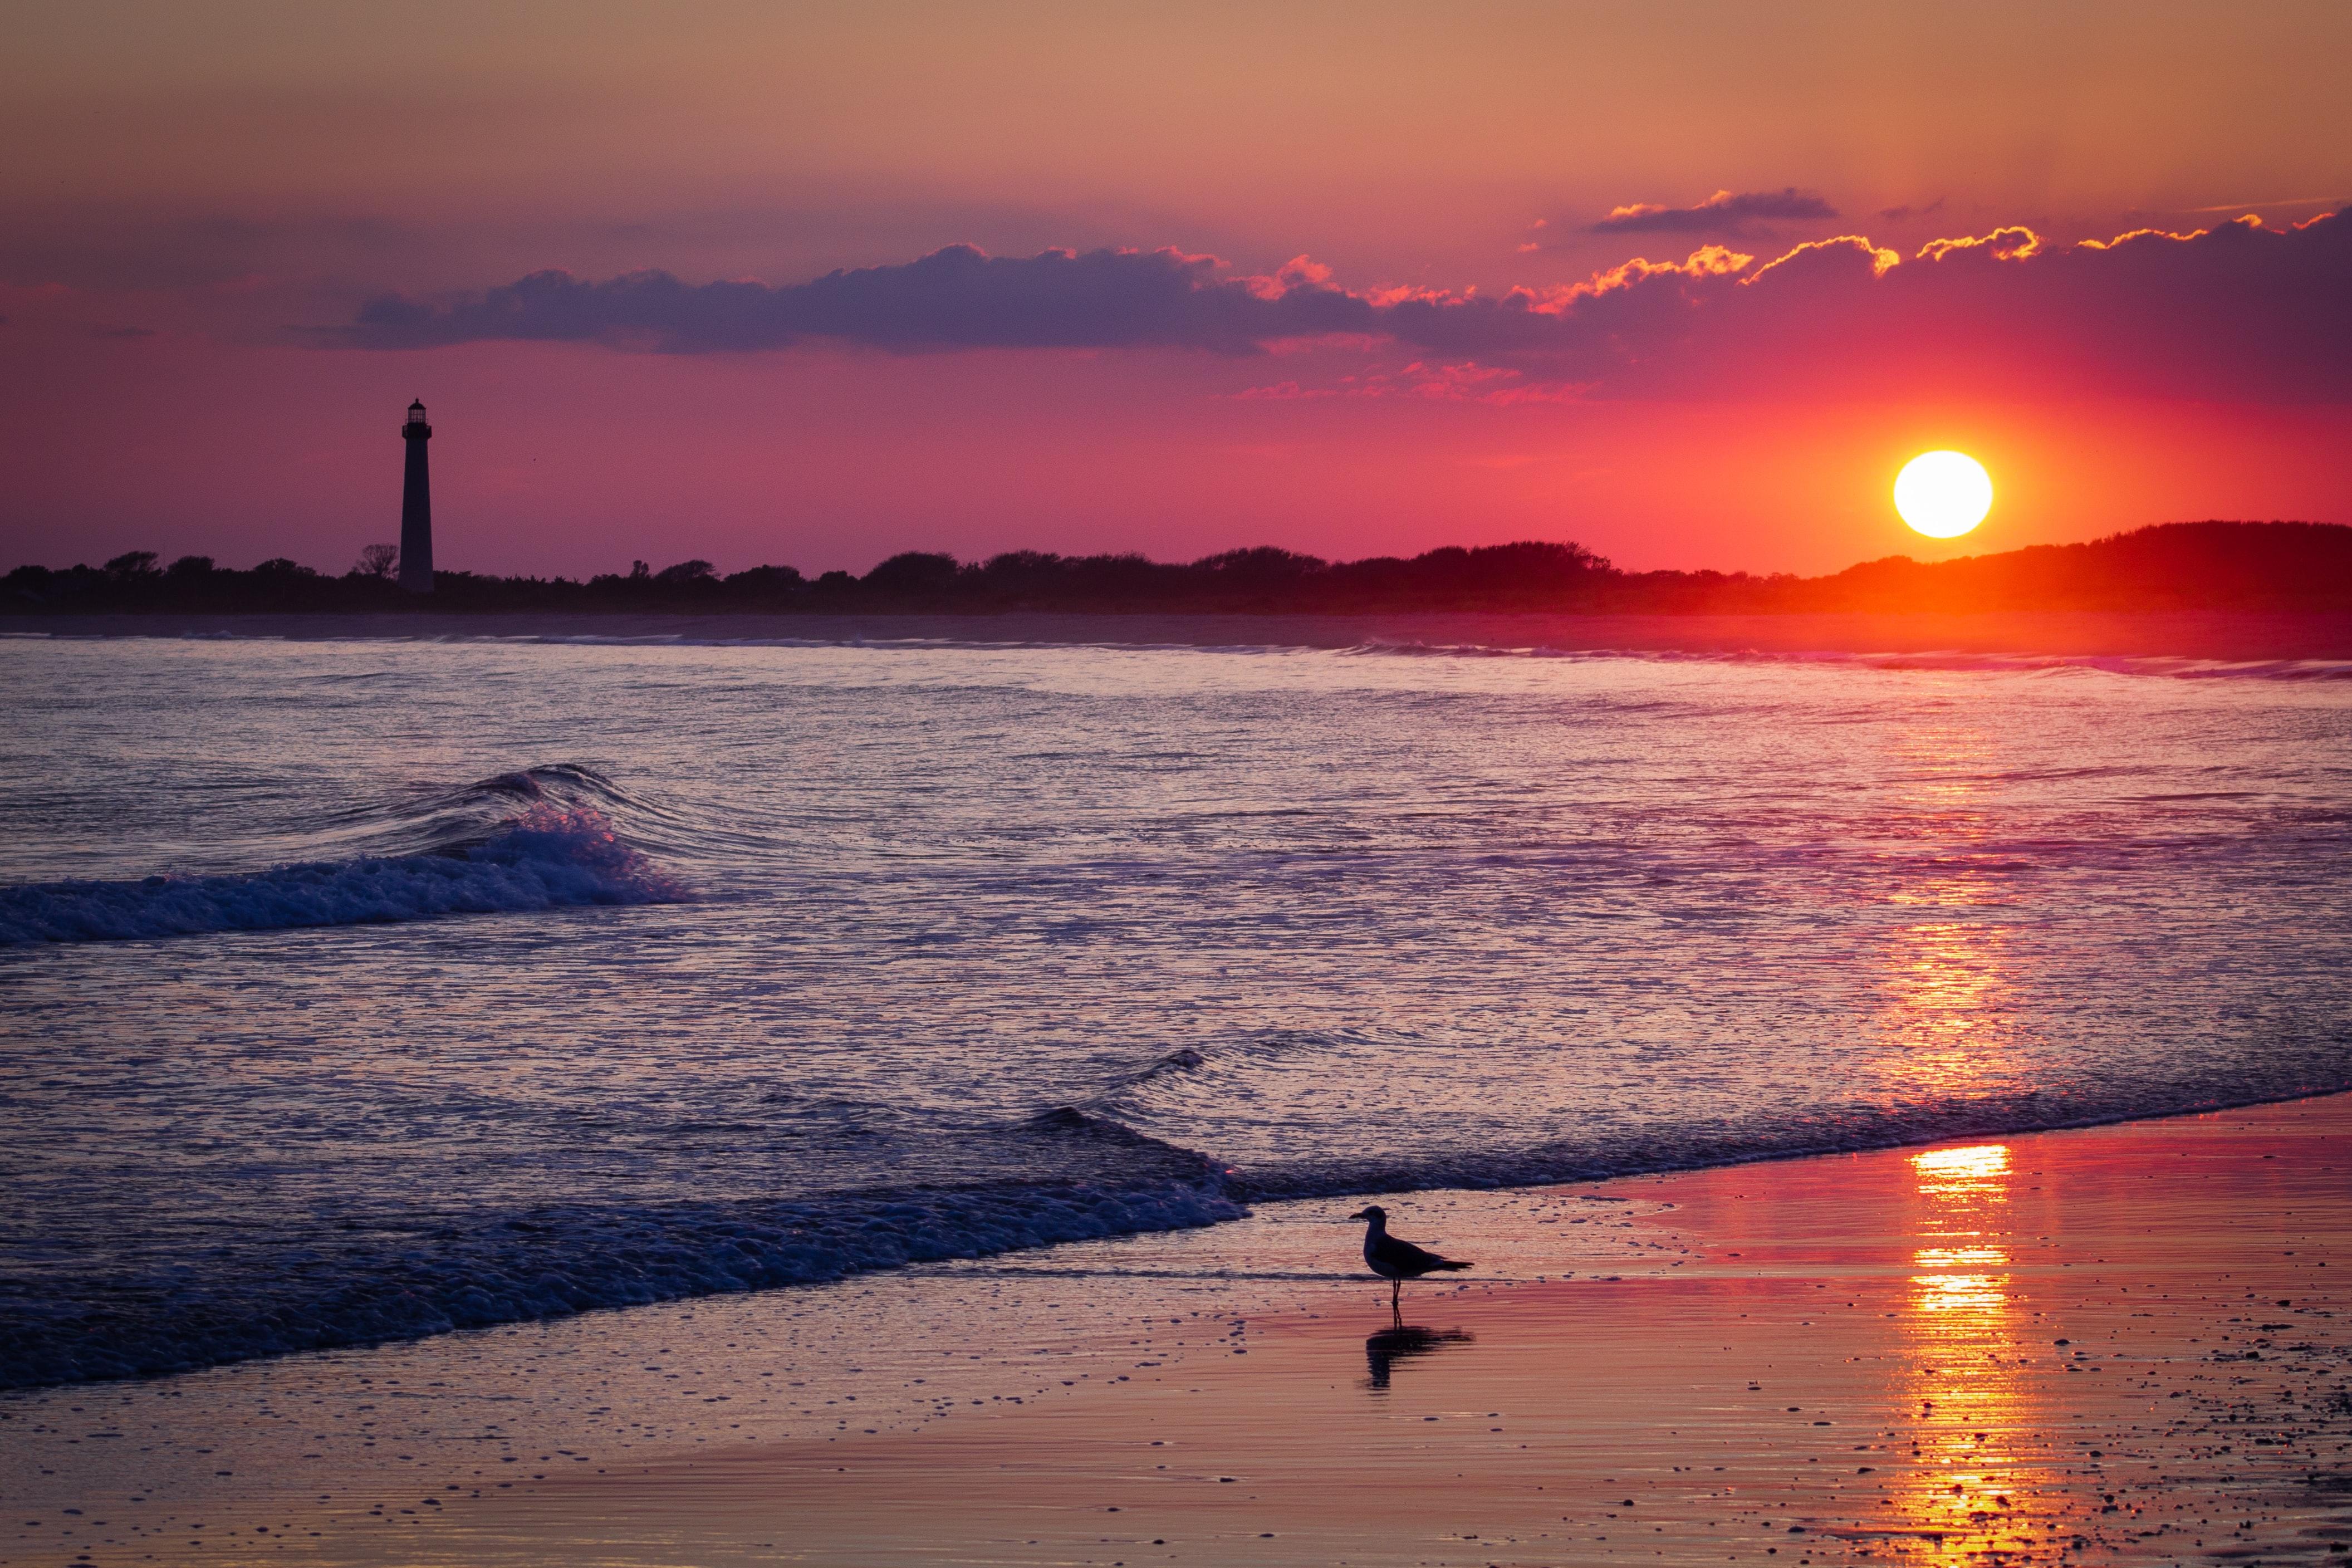 Walking an ocean shore at sunset.